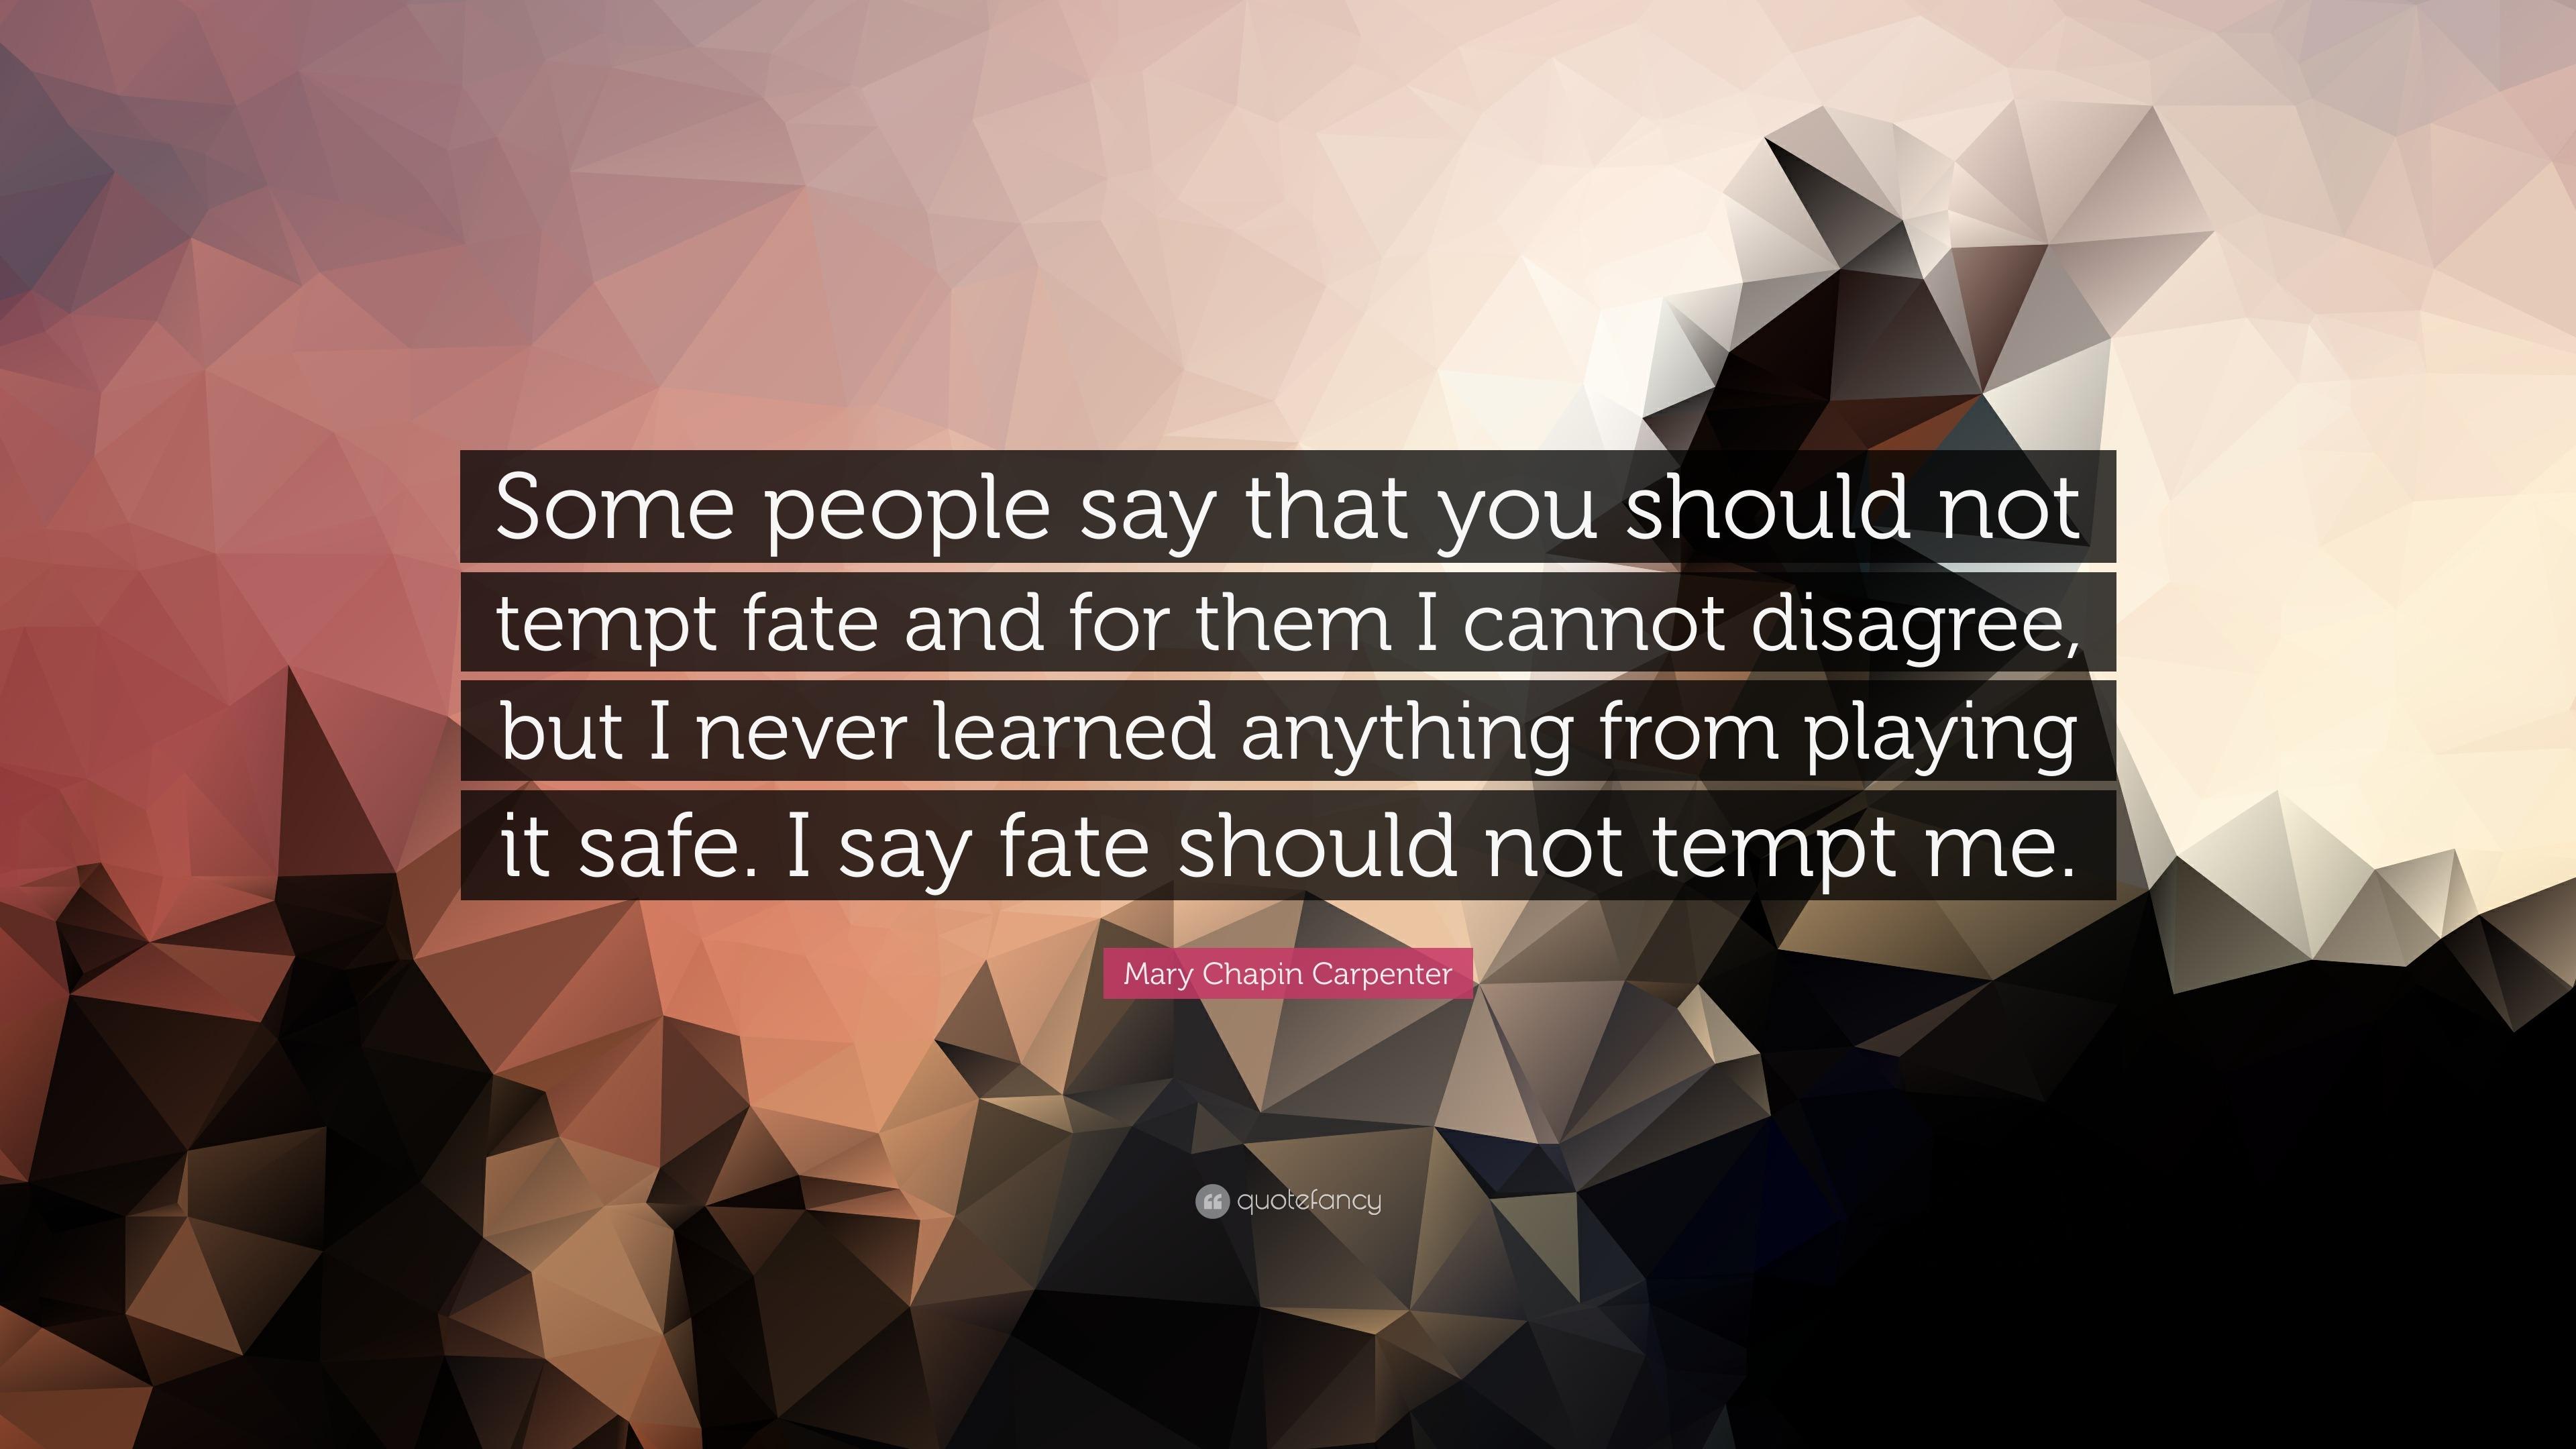 Tempt fate quotes